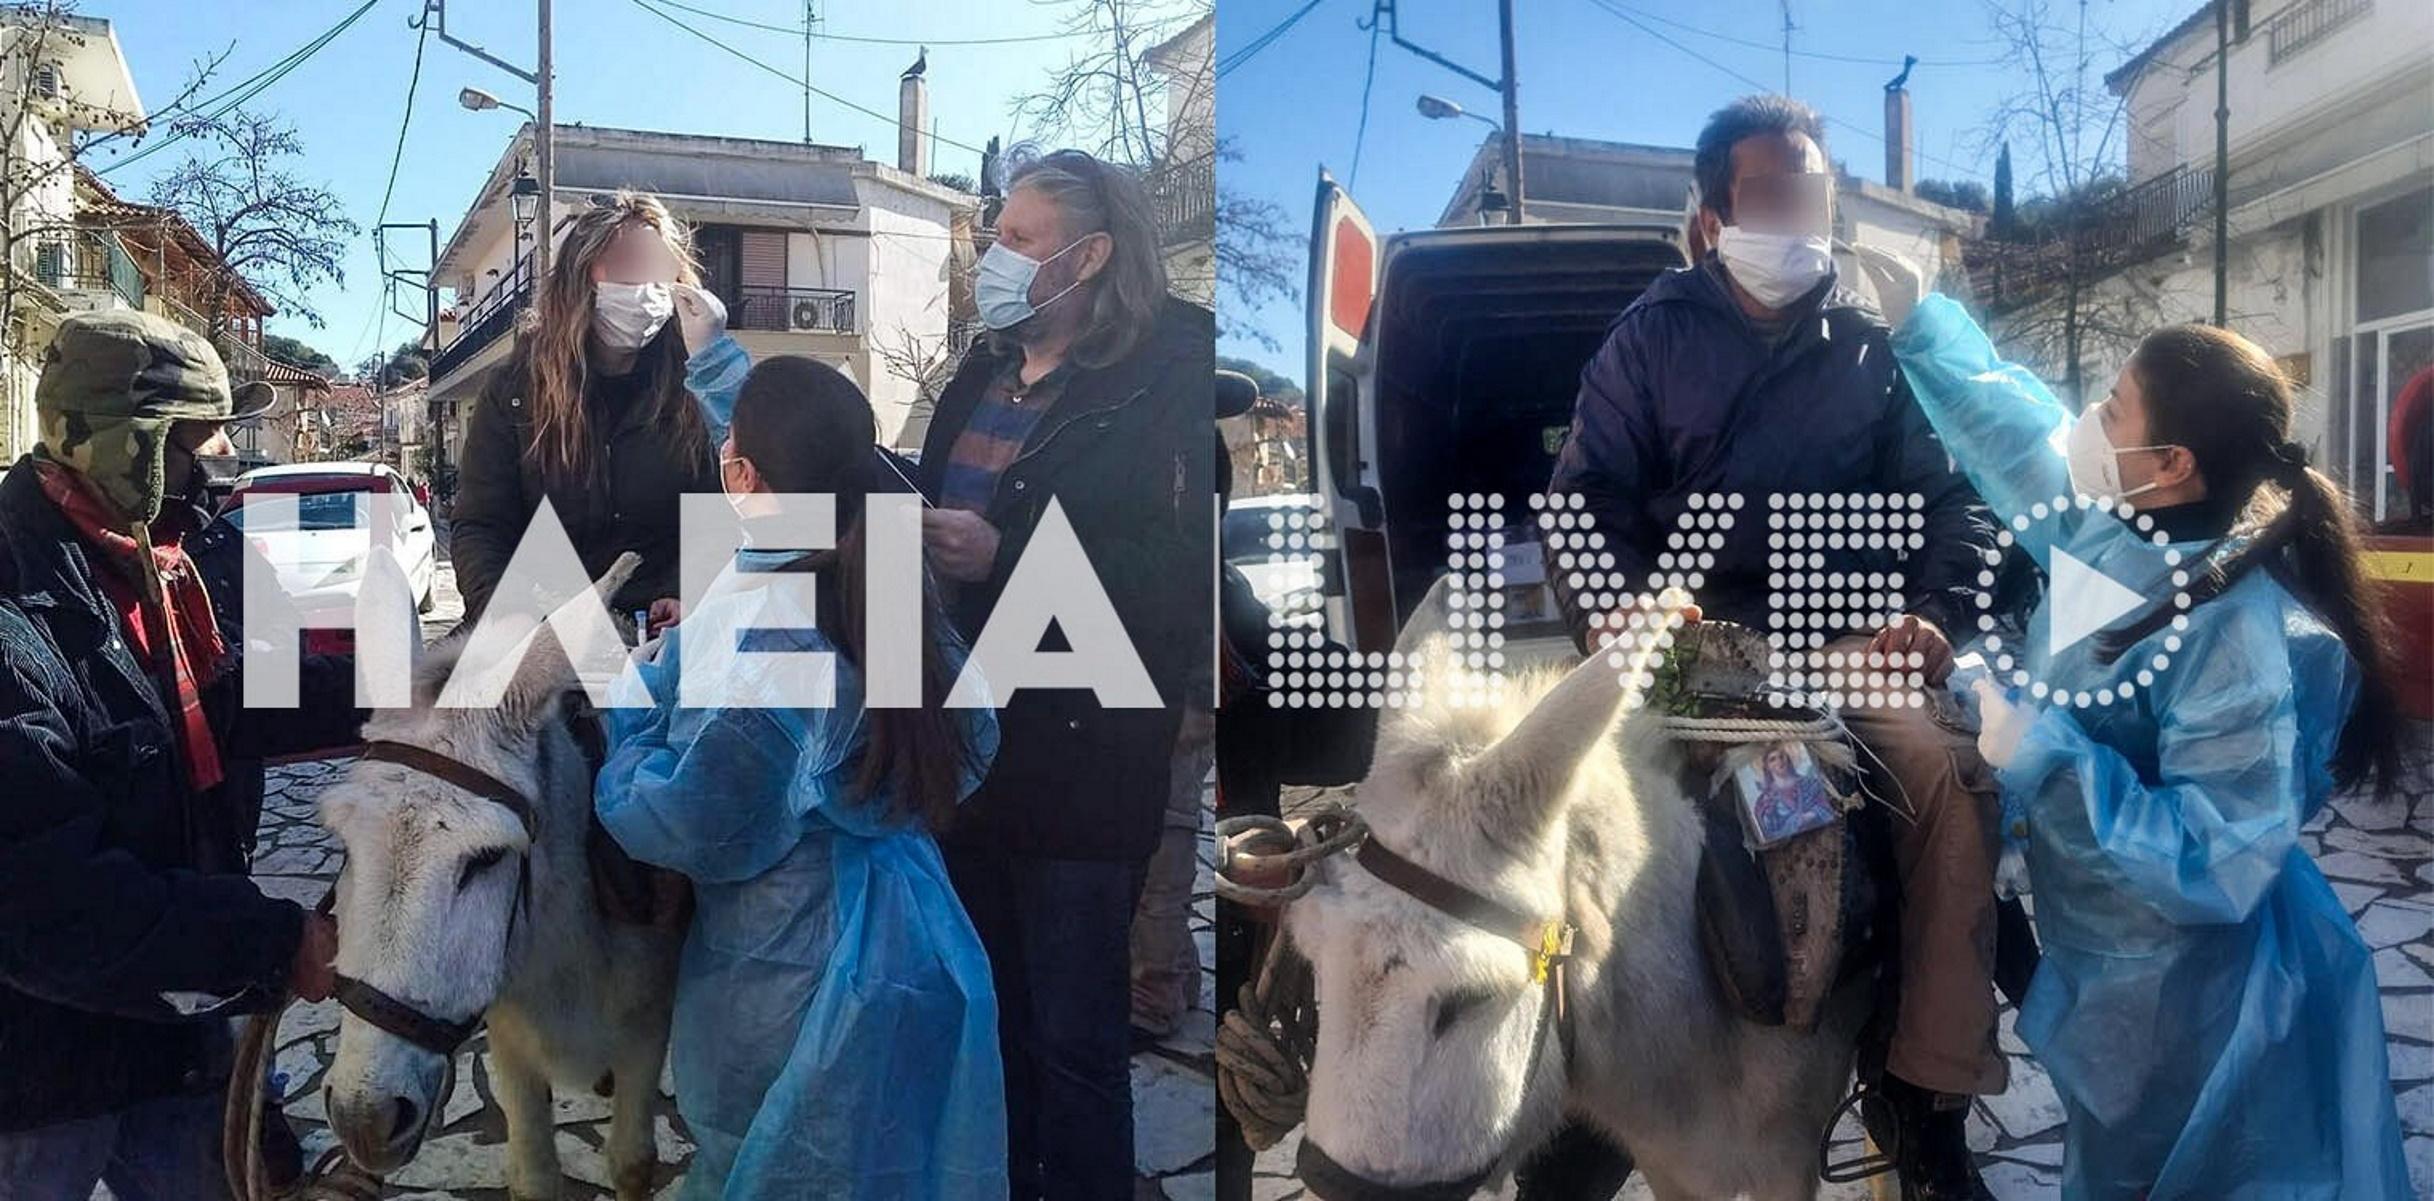 Ηλεία: Πήγαν για rapid test με γαϊδουράκια – Σπαρταριστές εικόνες